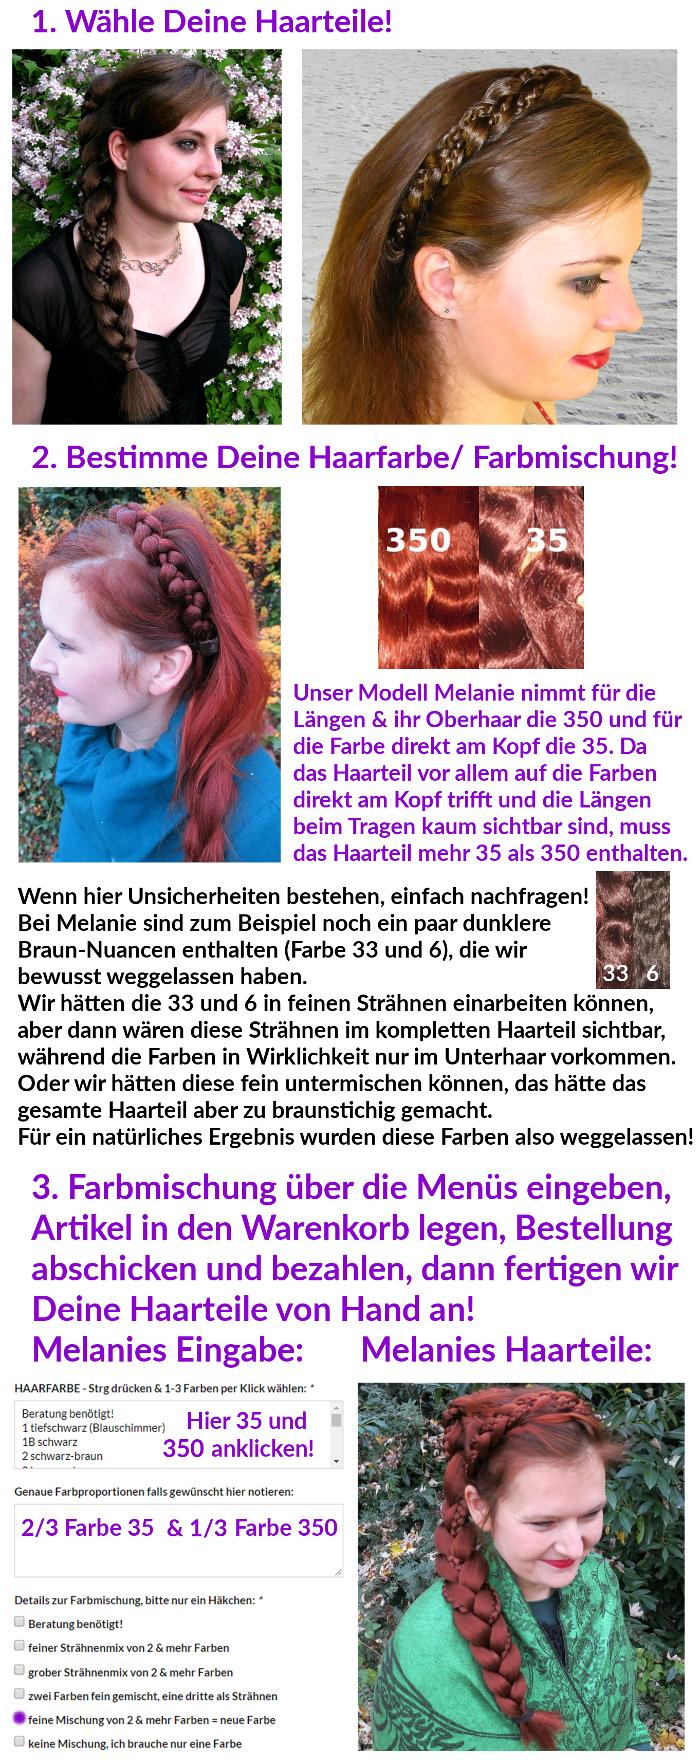 Schnellanleitung: Haarteil in eigener Haarfarbe bestellen!